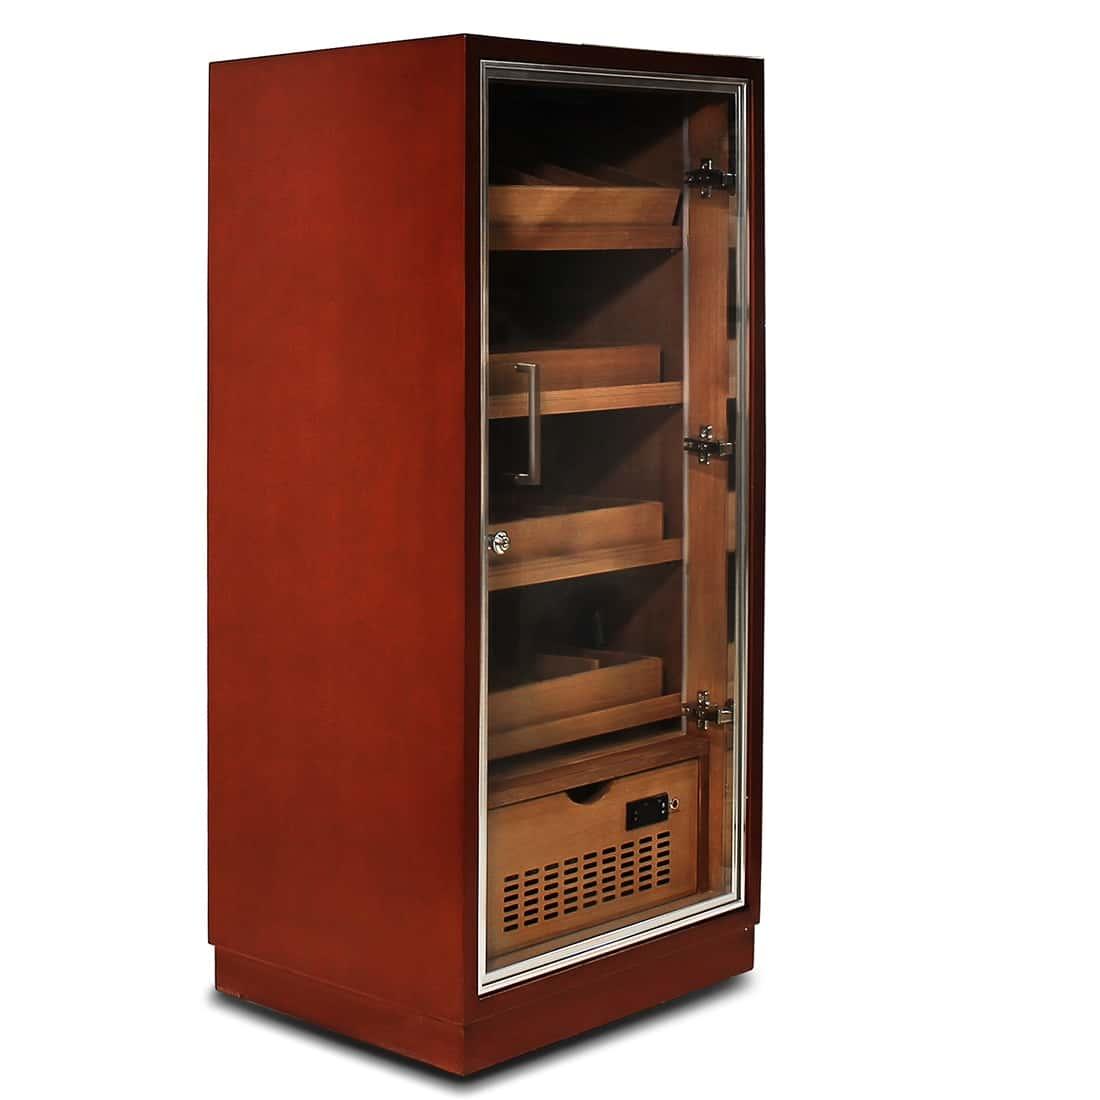 armoire hauteur 120 elegant armoire hauteur 120 with armoire hauteur 120 armoire pharmacie. Black Bedroom Furniture Sets. Home Design Ideas